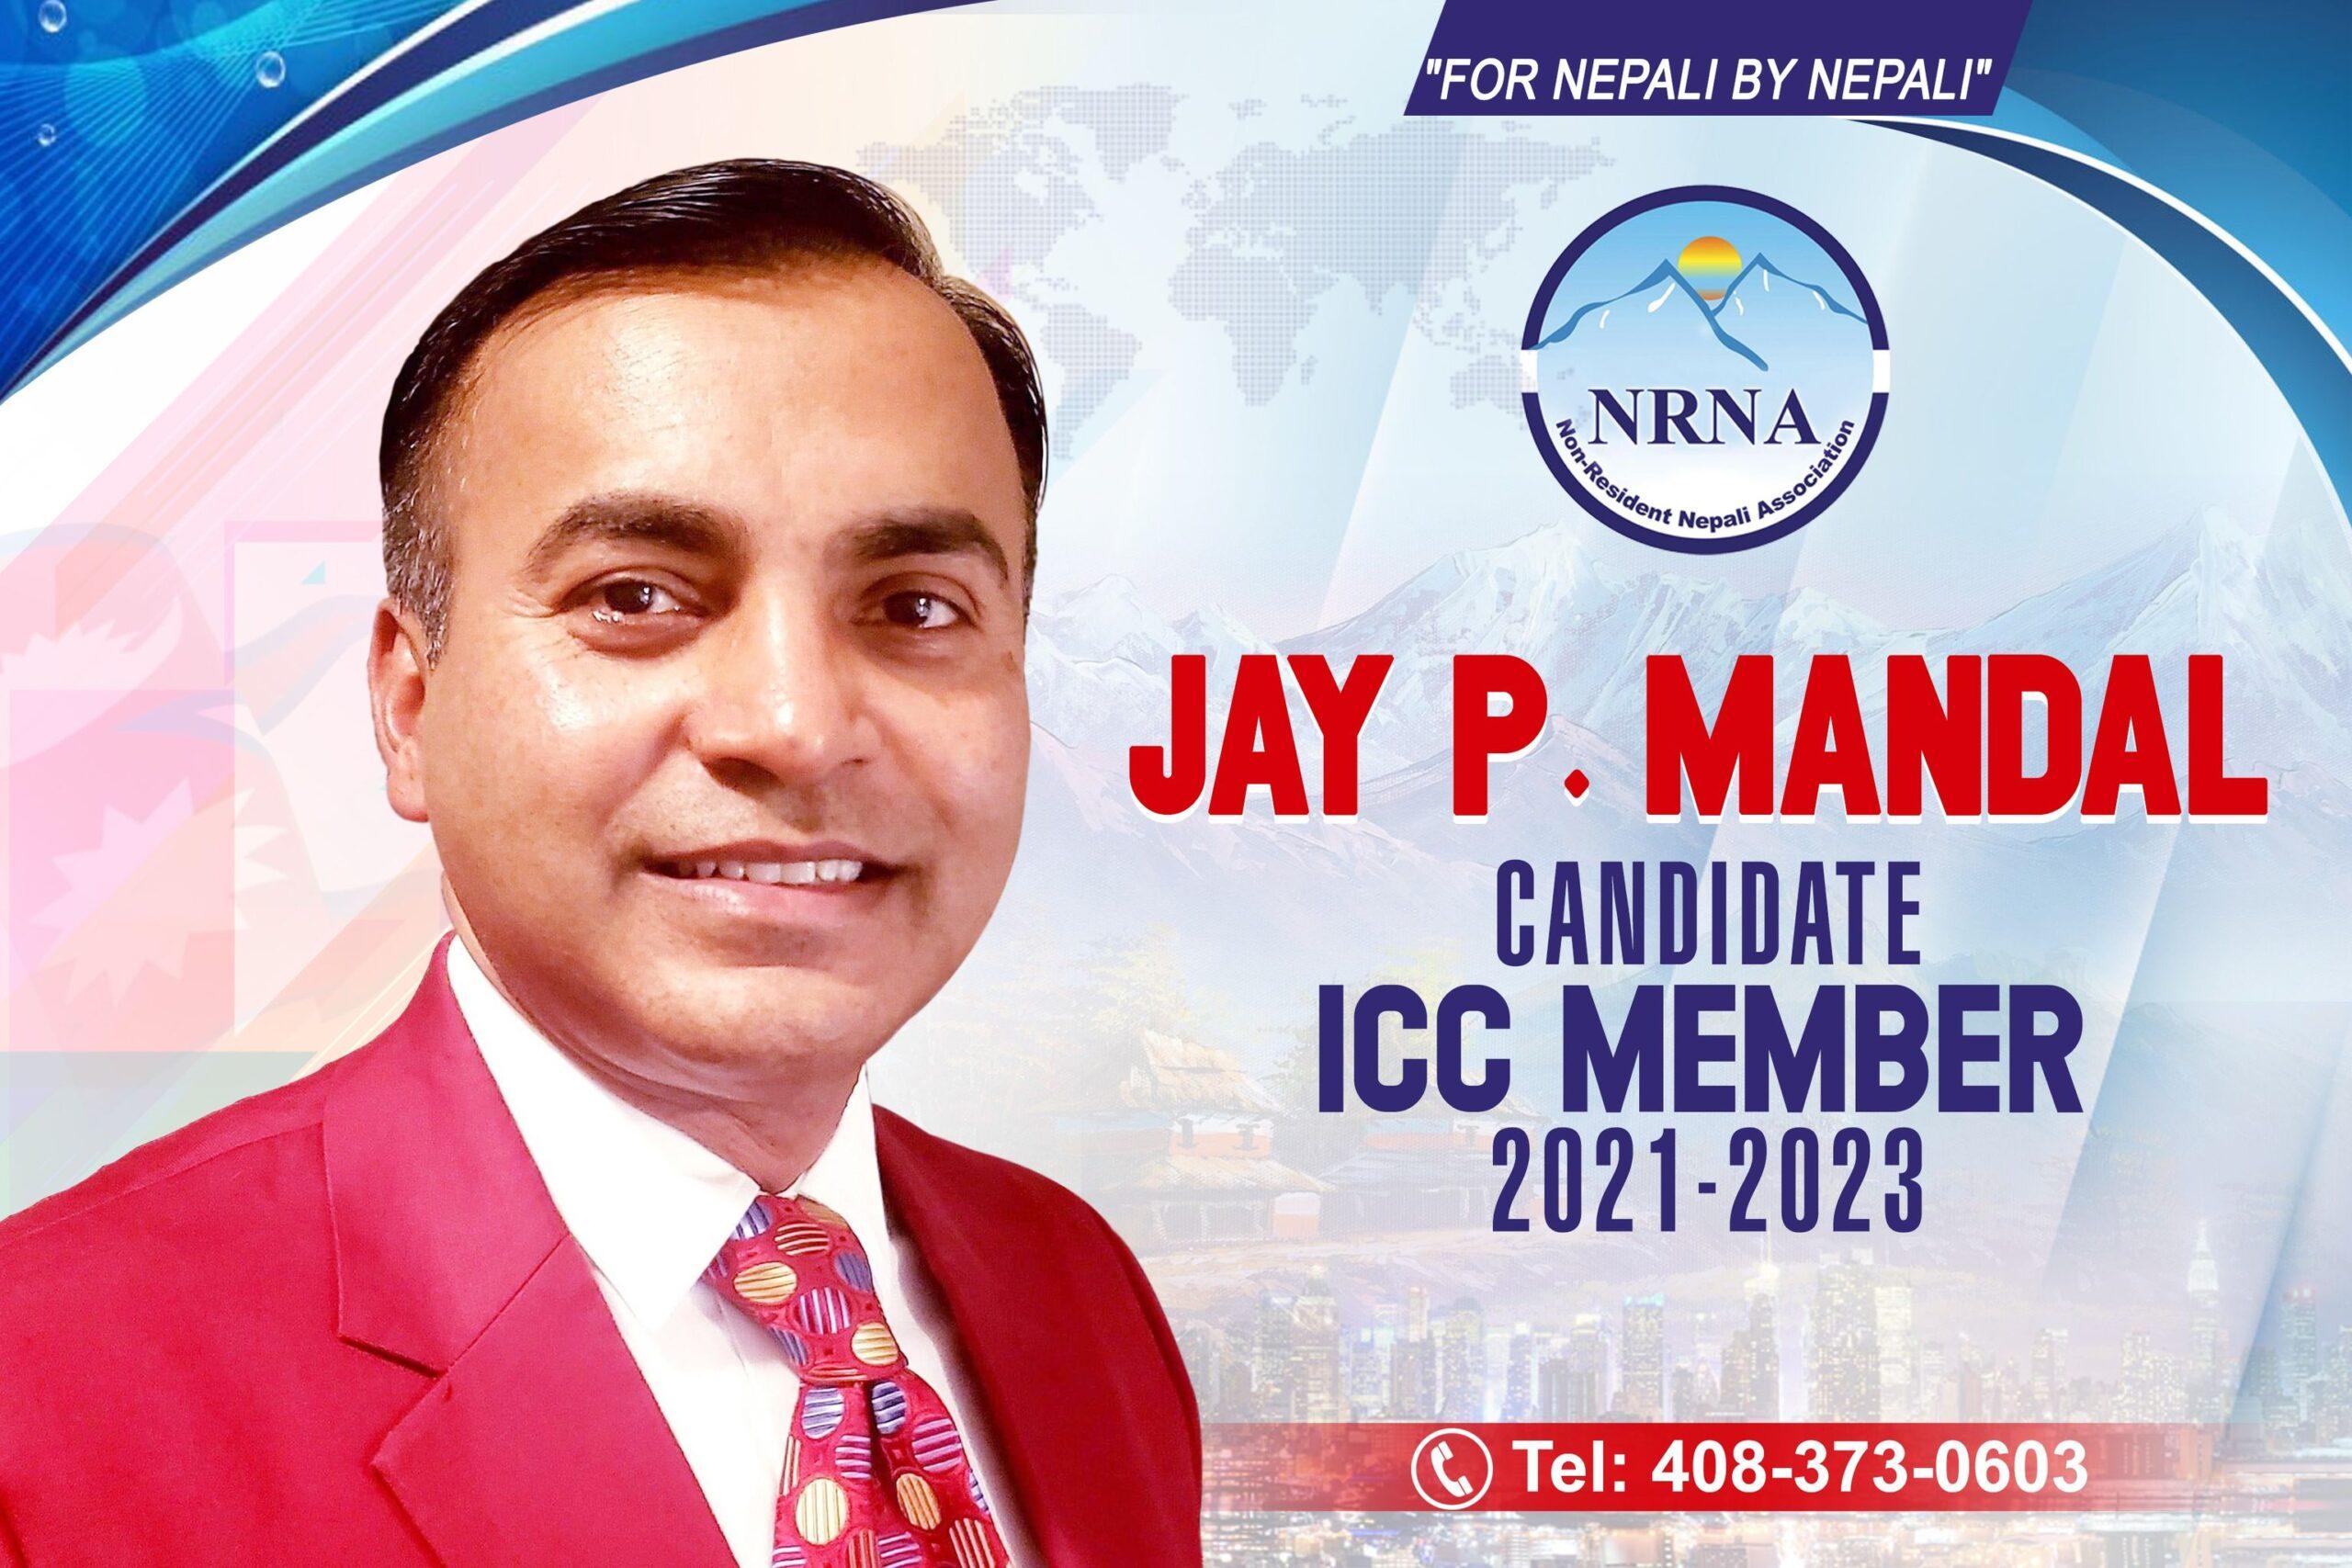 जेपी मन्डल, एनआरएनए आईसिसी सदस्य पदका उमेद्वार